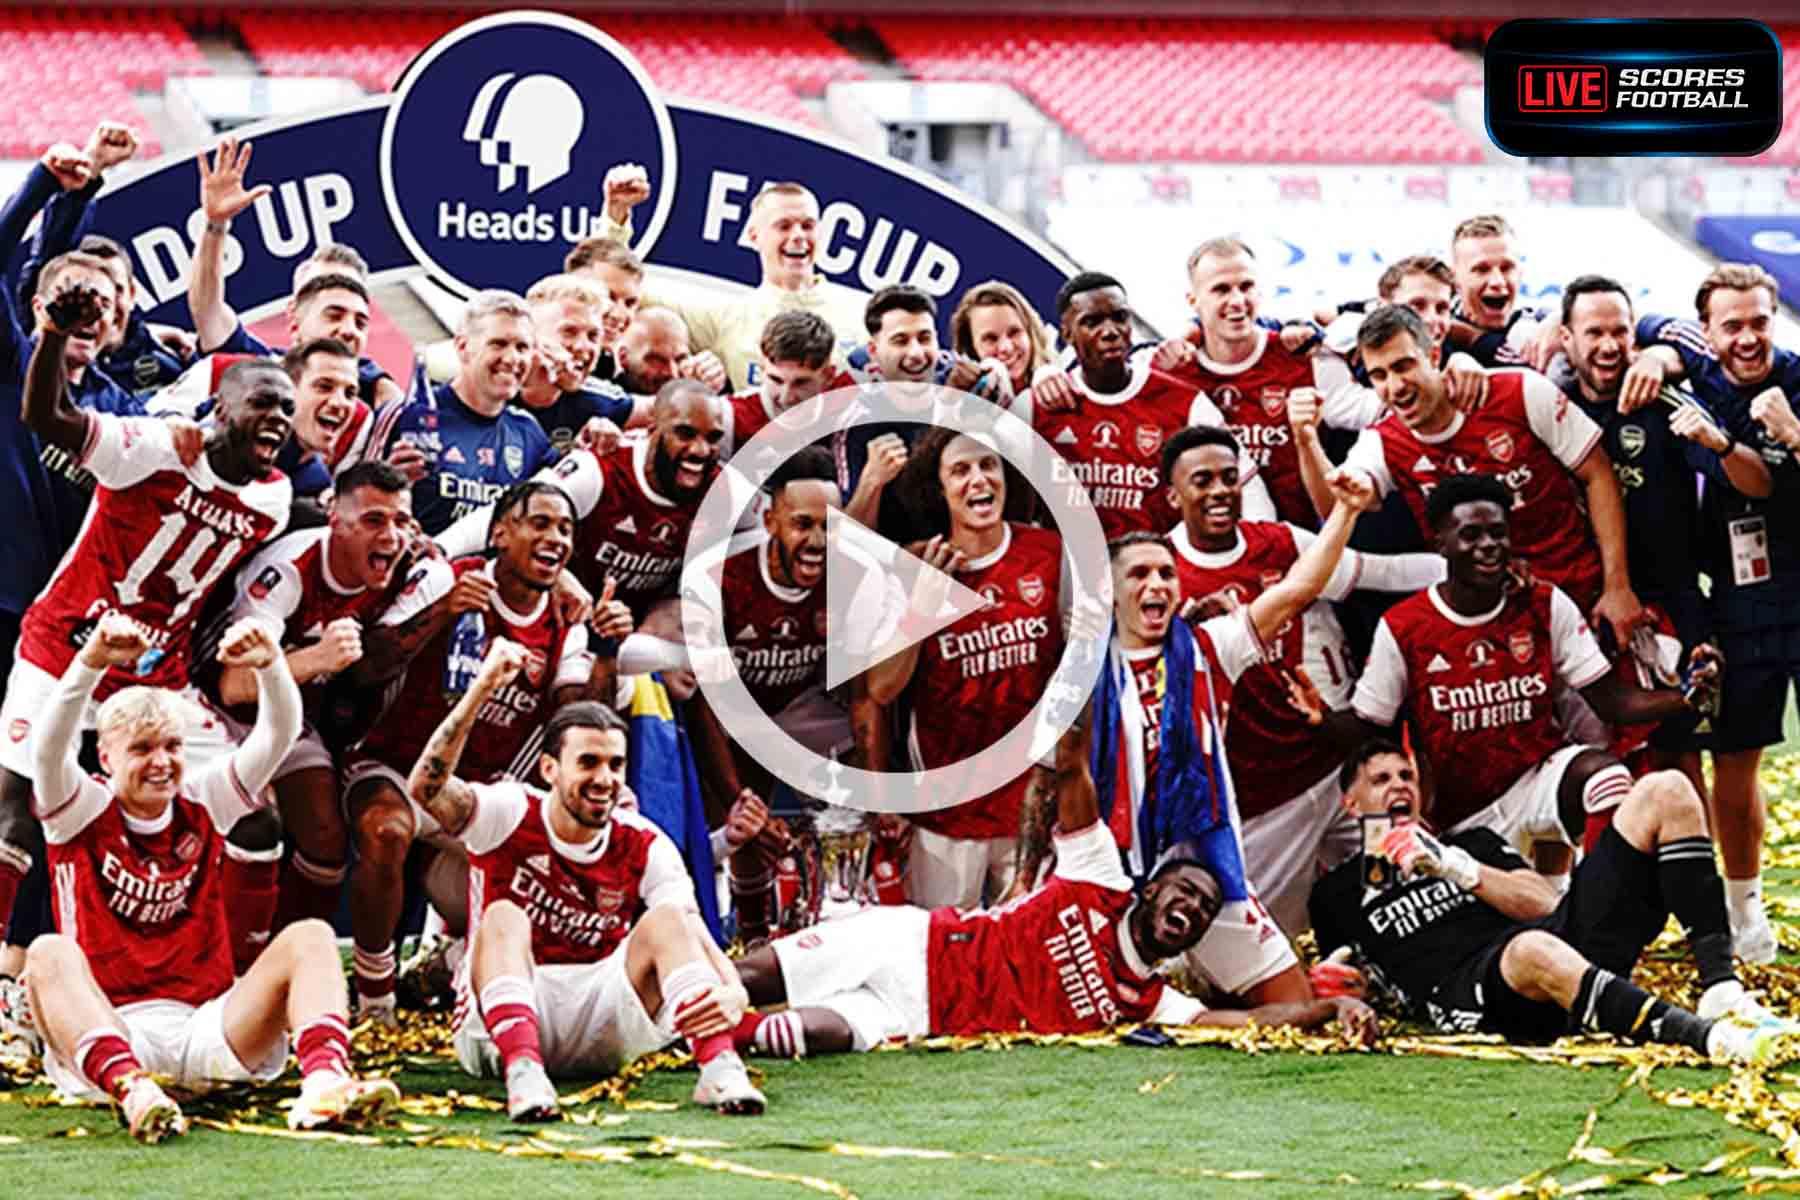 ไฮไลท์คู่เด็ด FA Cup อาร์เซน่อล 2-1 เชลซี วันที่ 1-8-2020 - LivescoresFB